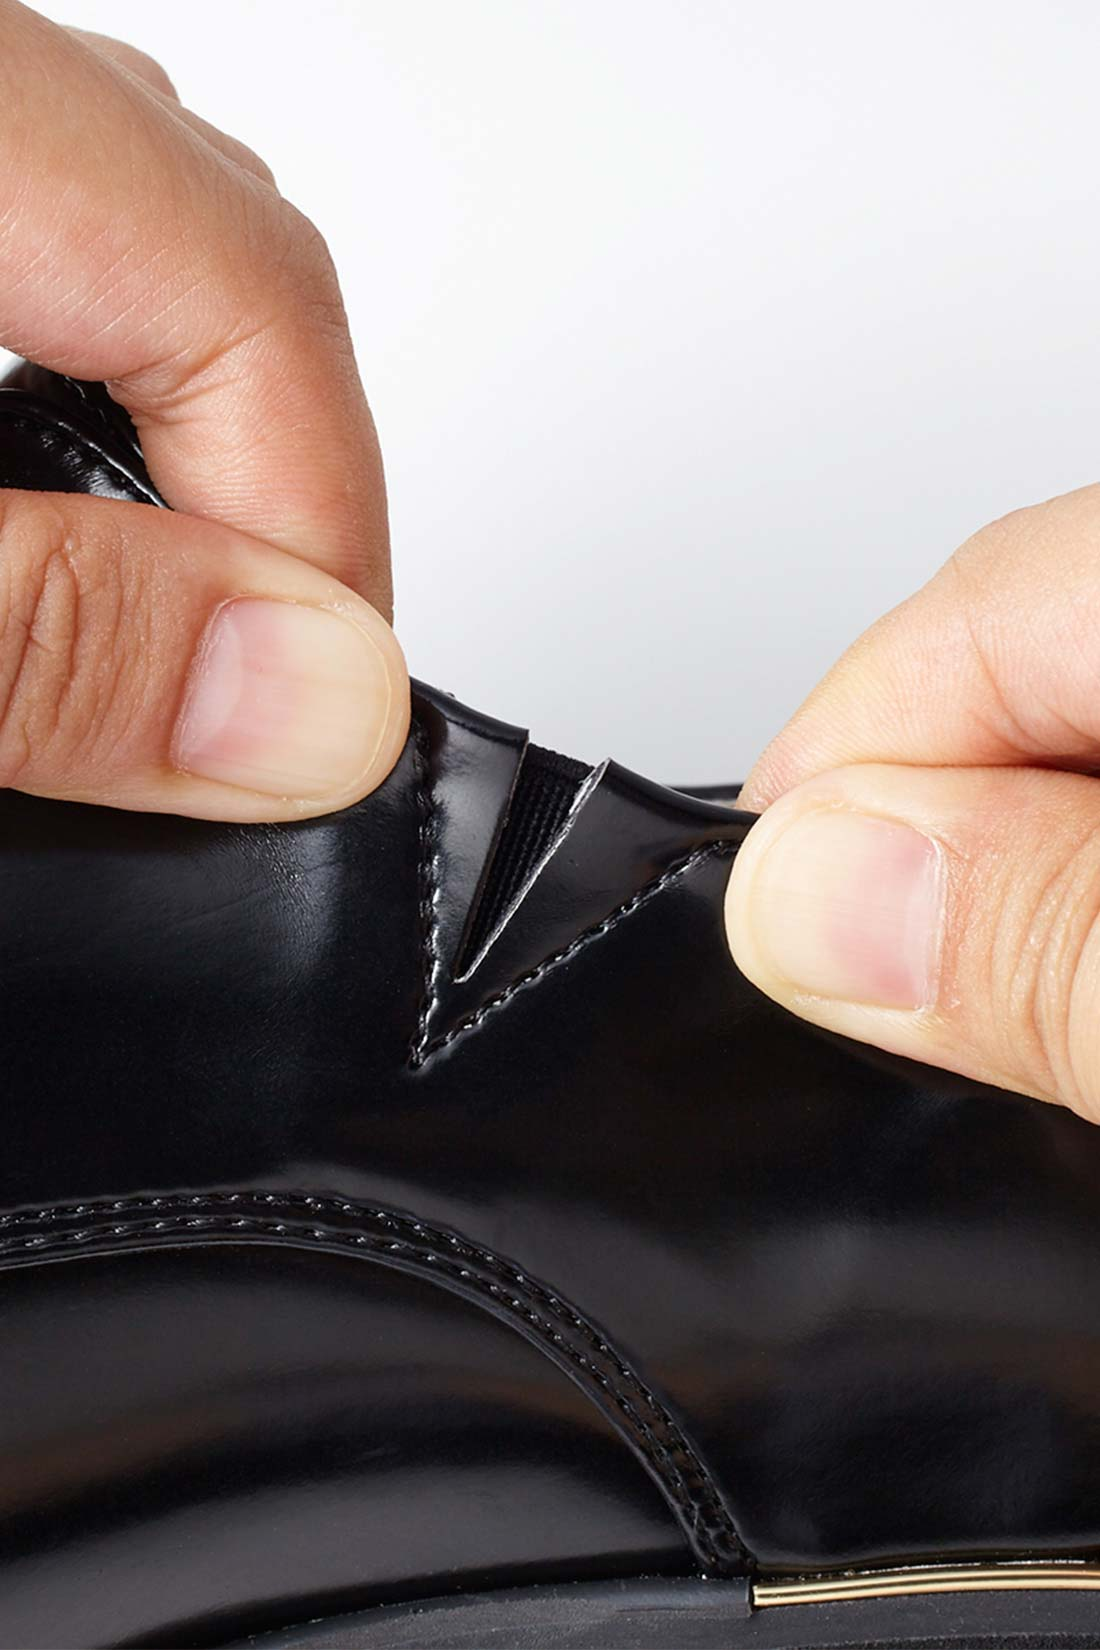 履き口にさりげなくゴムを使用することで脱ぎ履きをスムーズに。